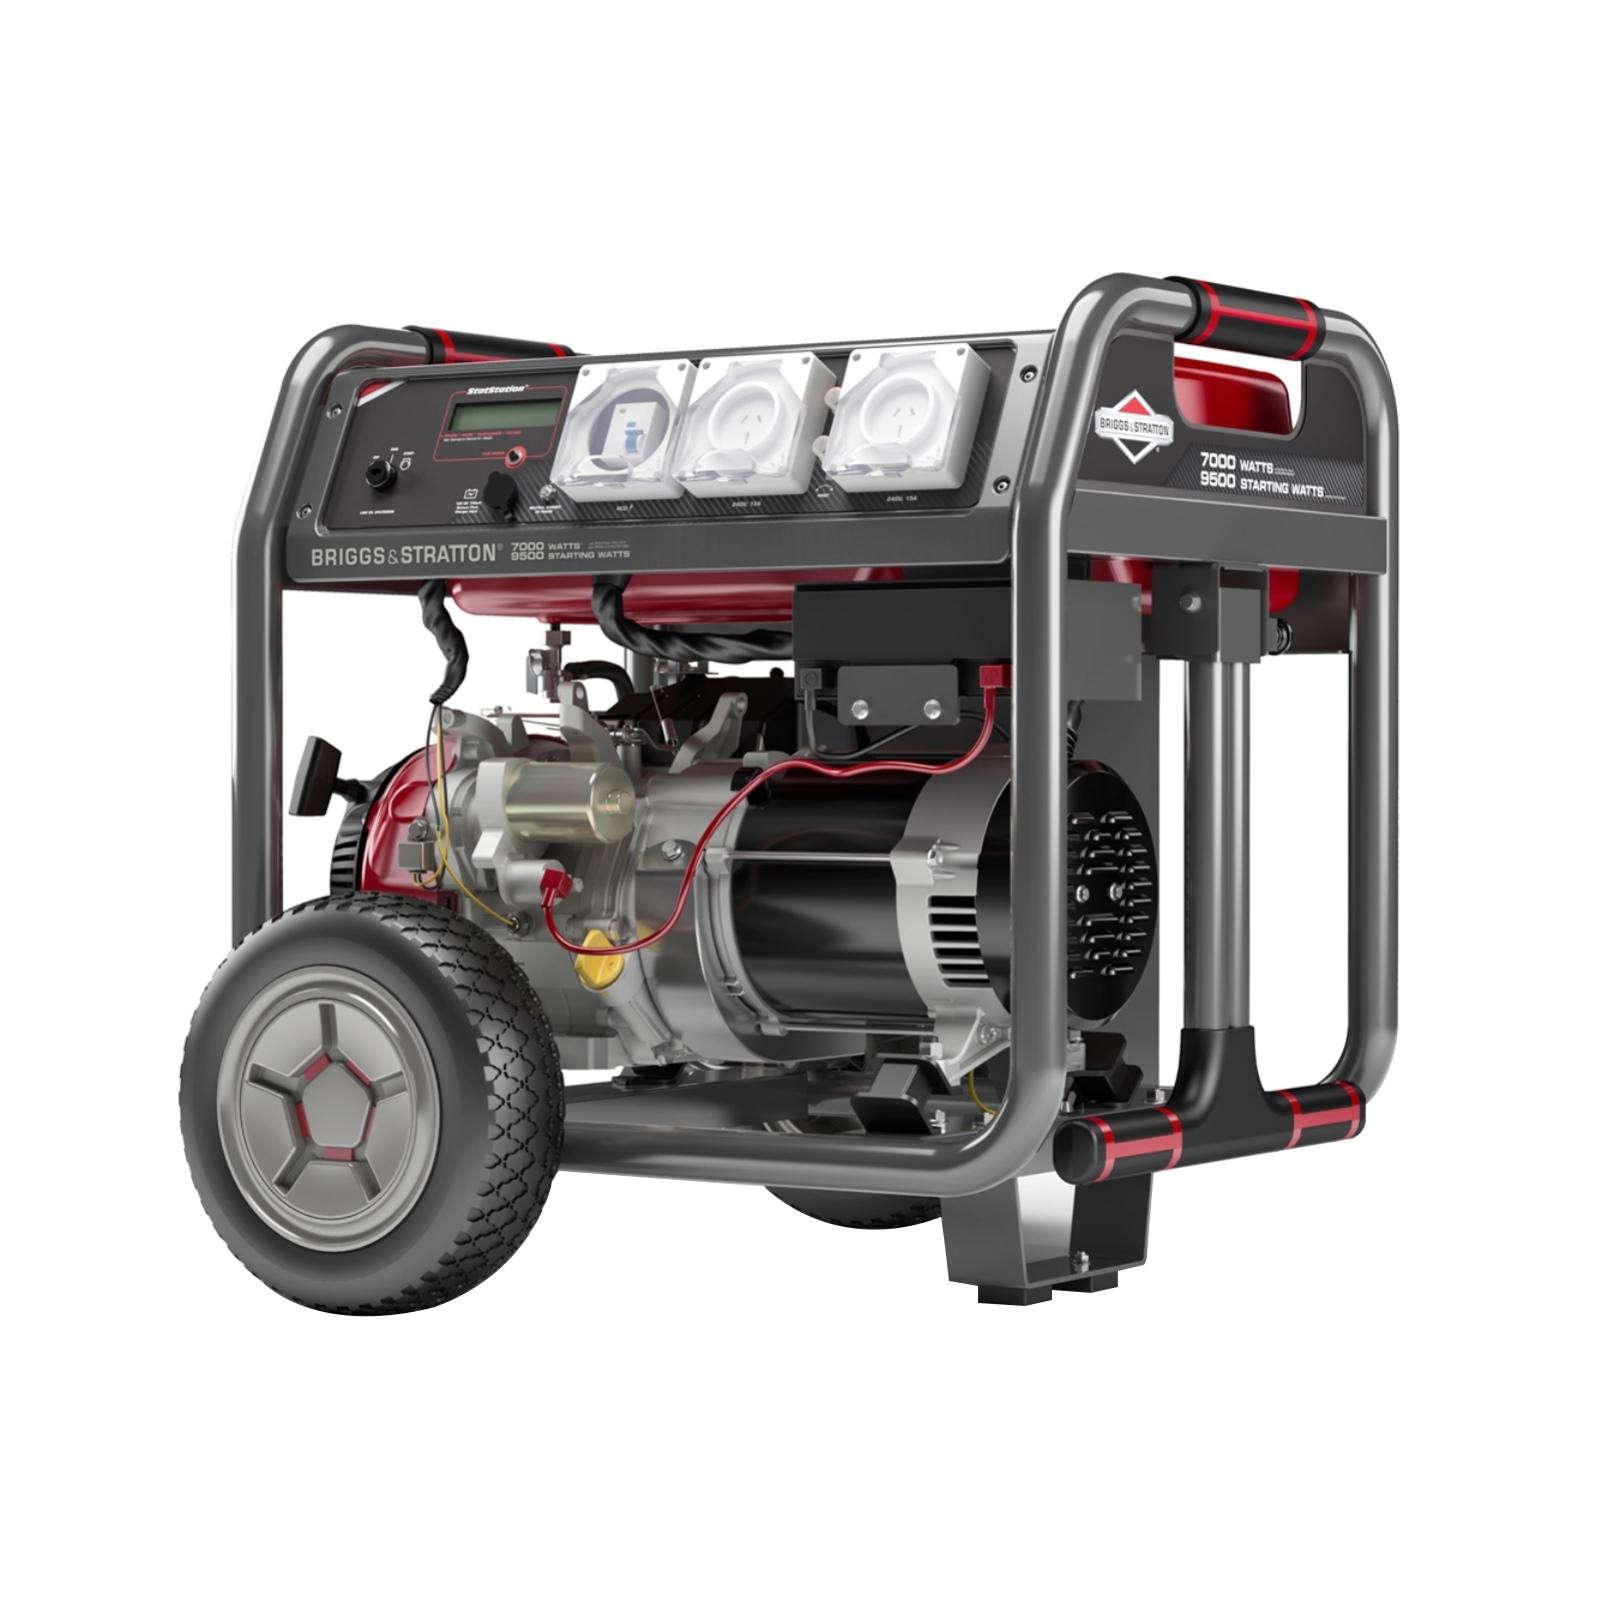 Briggs & Stratton 9500W 420cc Elite Generator